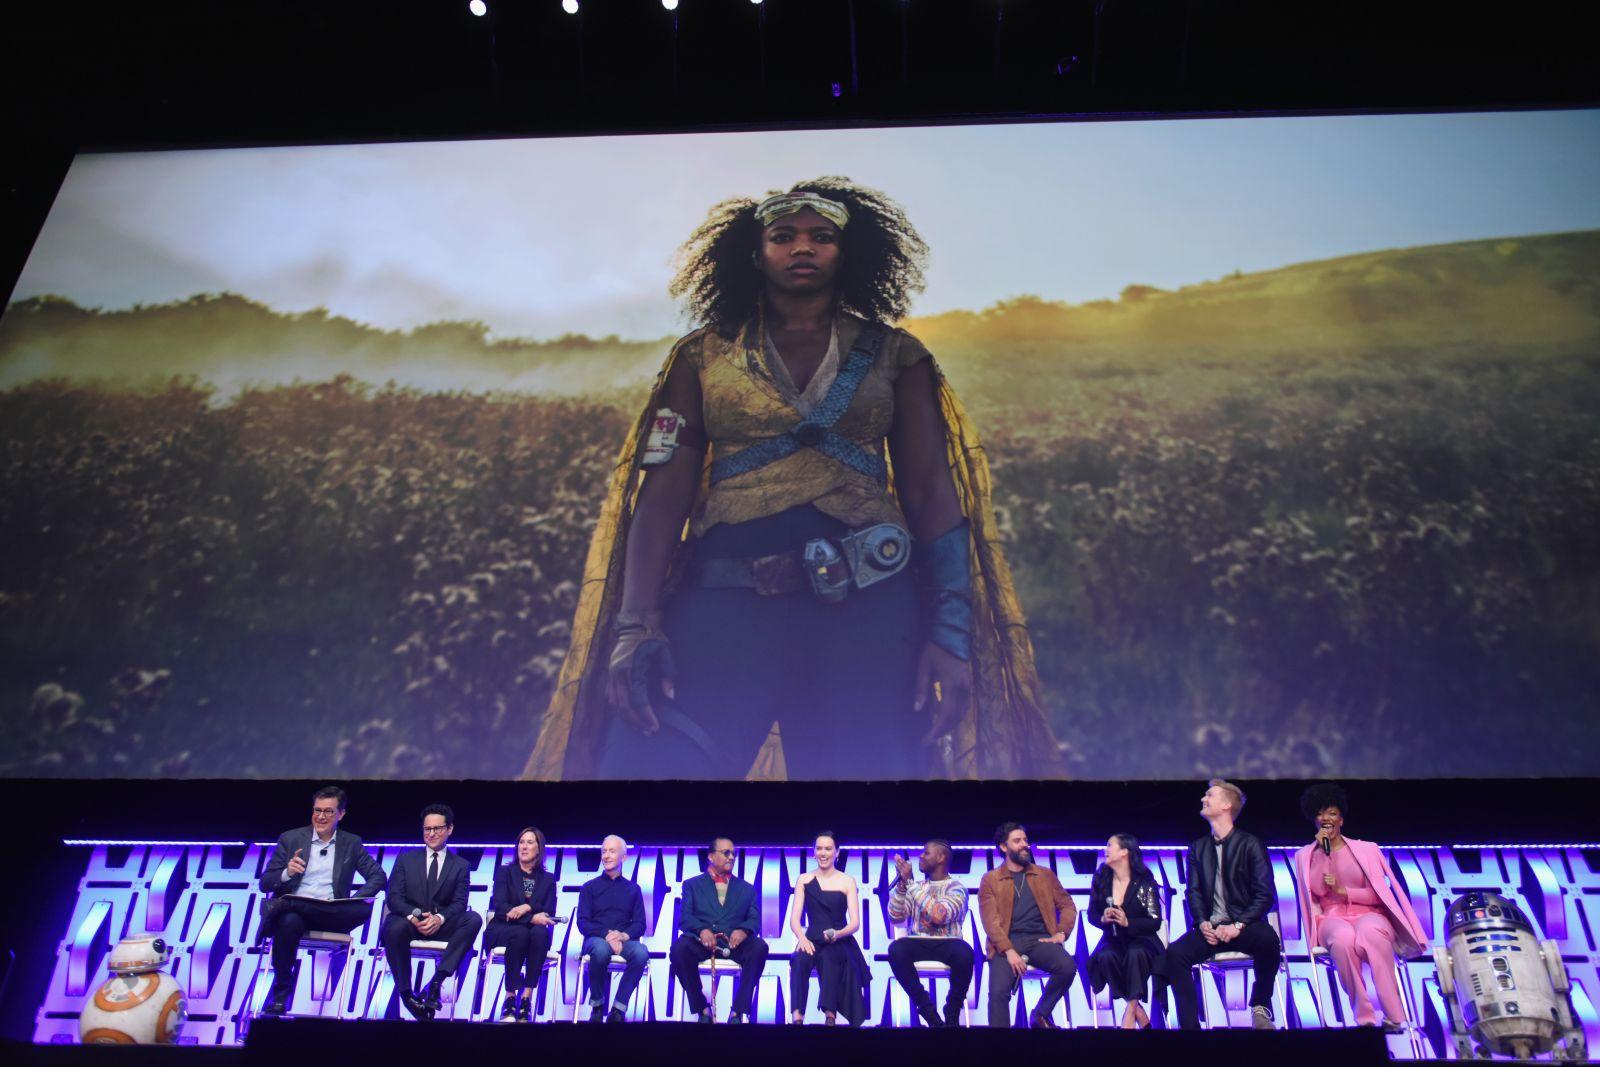 A IX. Epizód pódiumbeszélgetése (fotó: Disney)